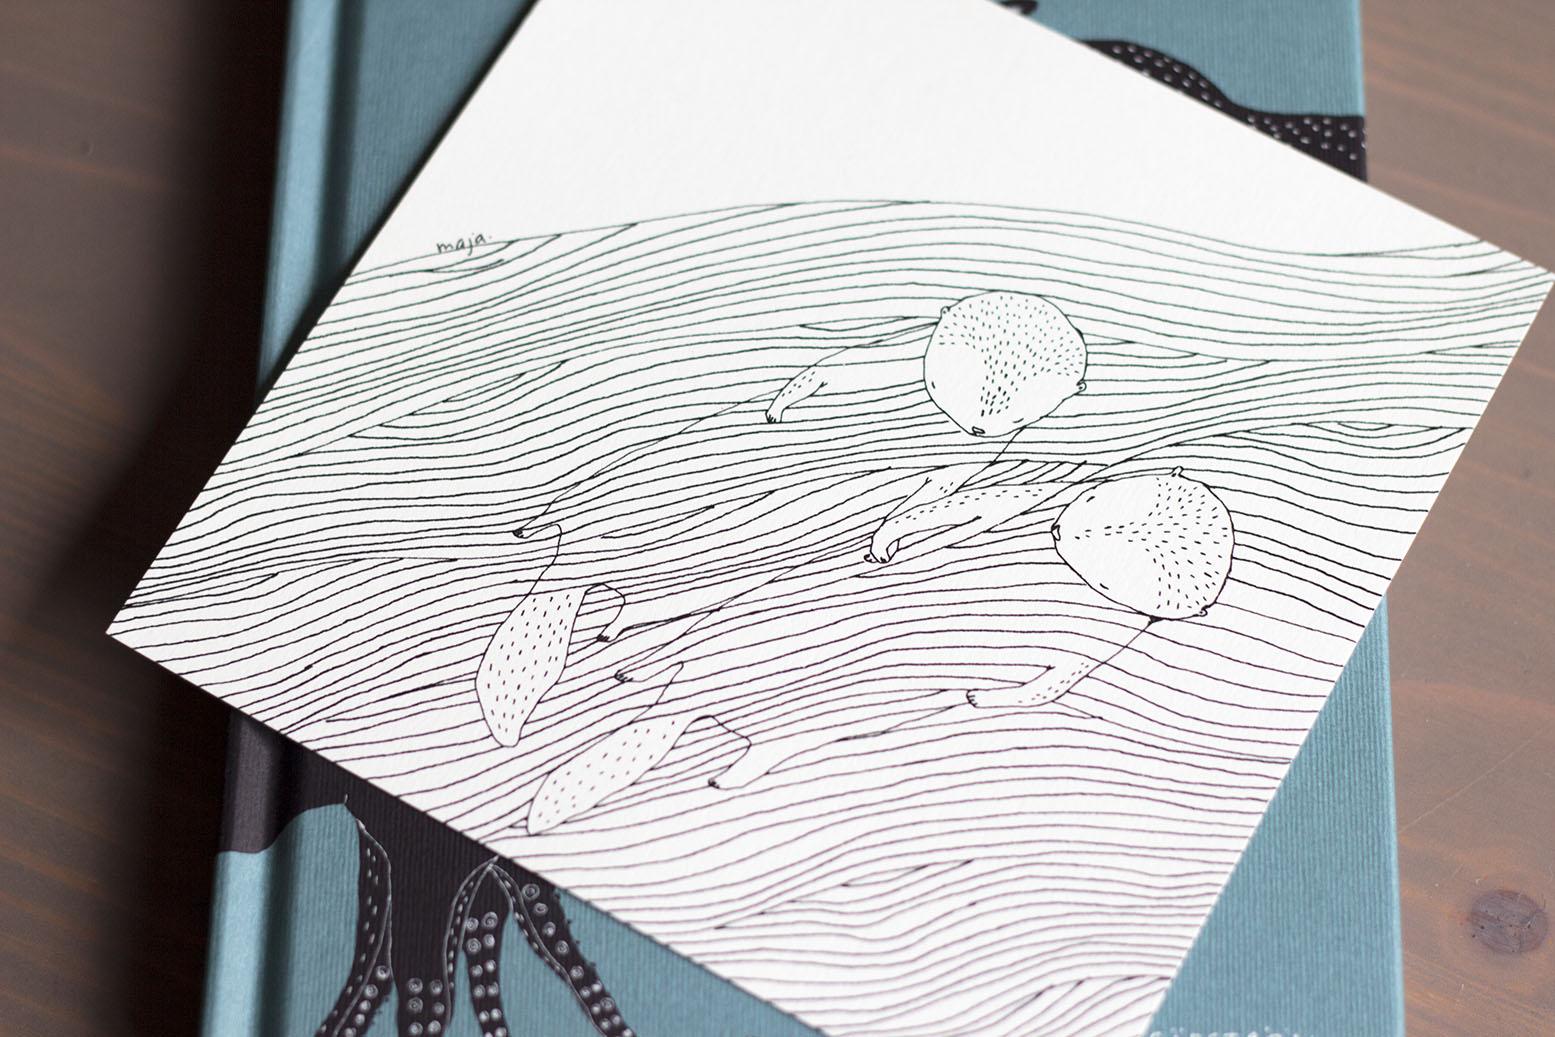 Majasbok ilustração lontras